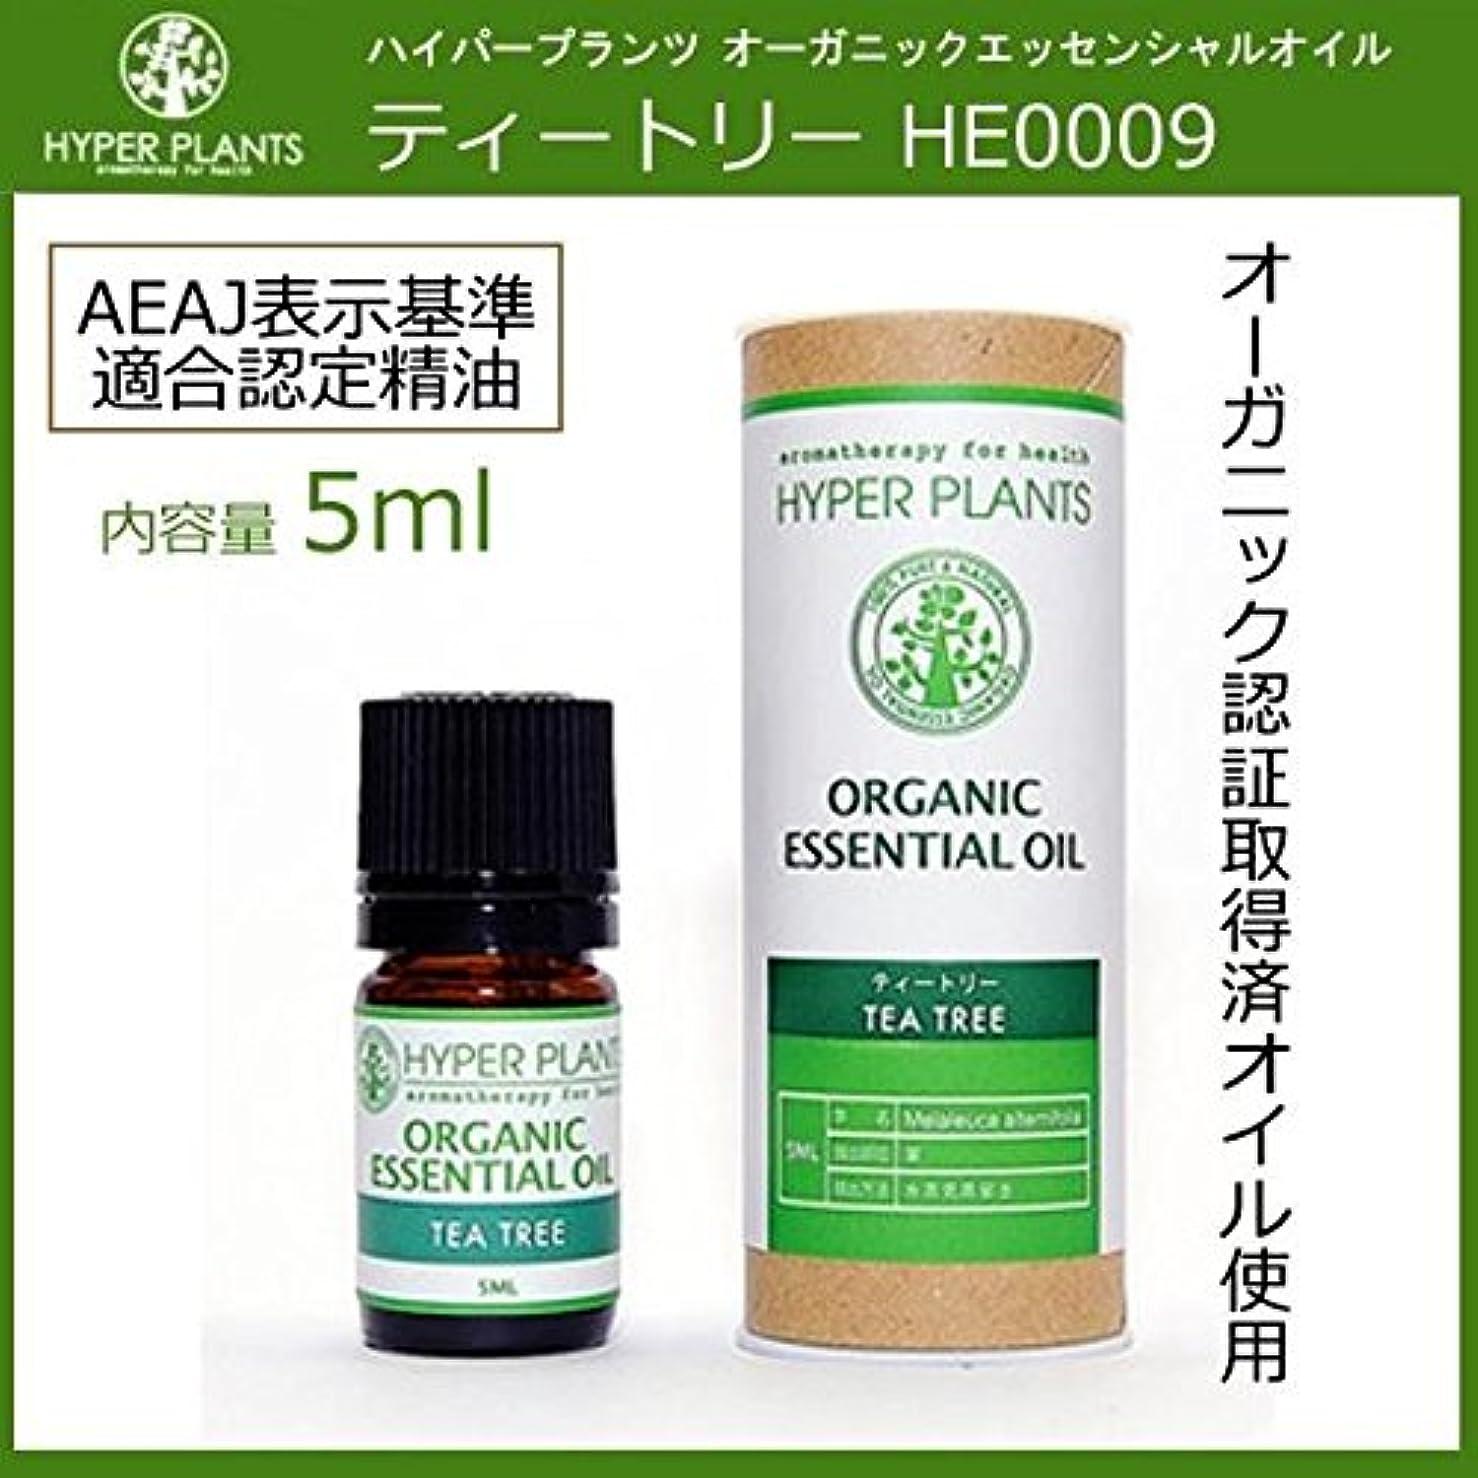 リークヤギ台風HYPER PLANTS ハイパープランツ オーガニックエッセンシャルオイル ティートリー 5ml HE0009